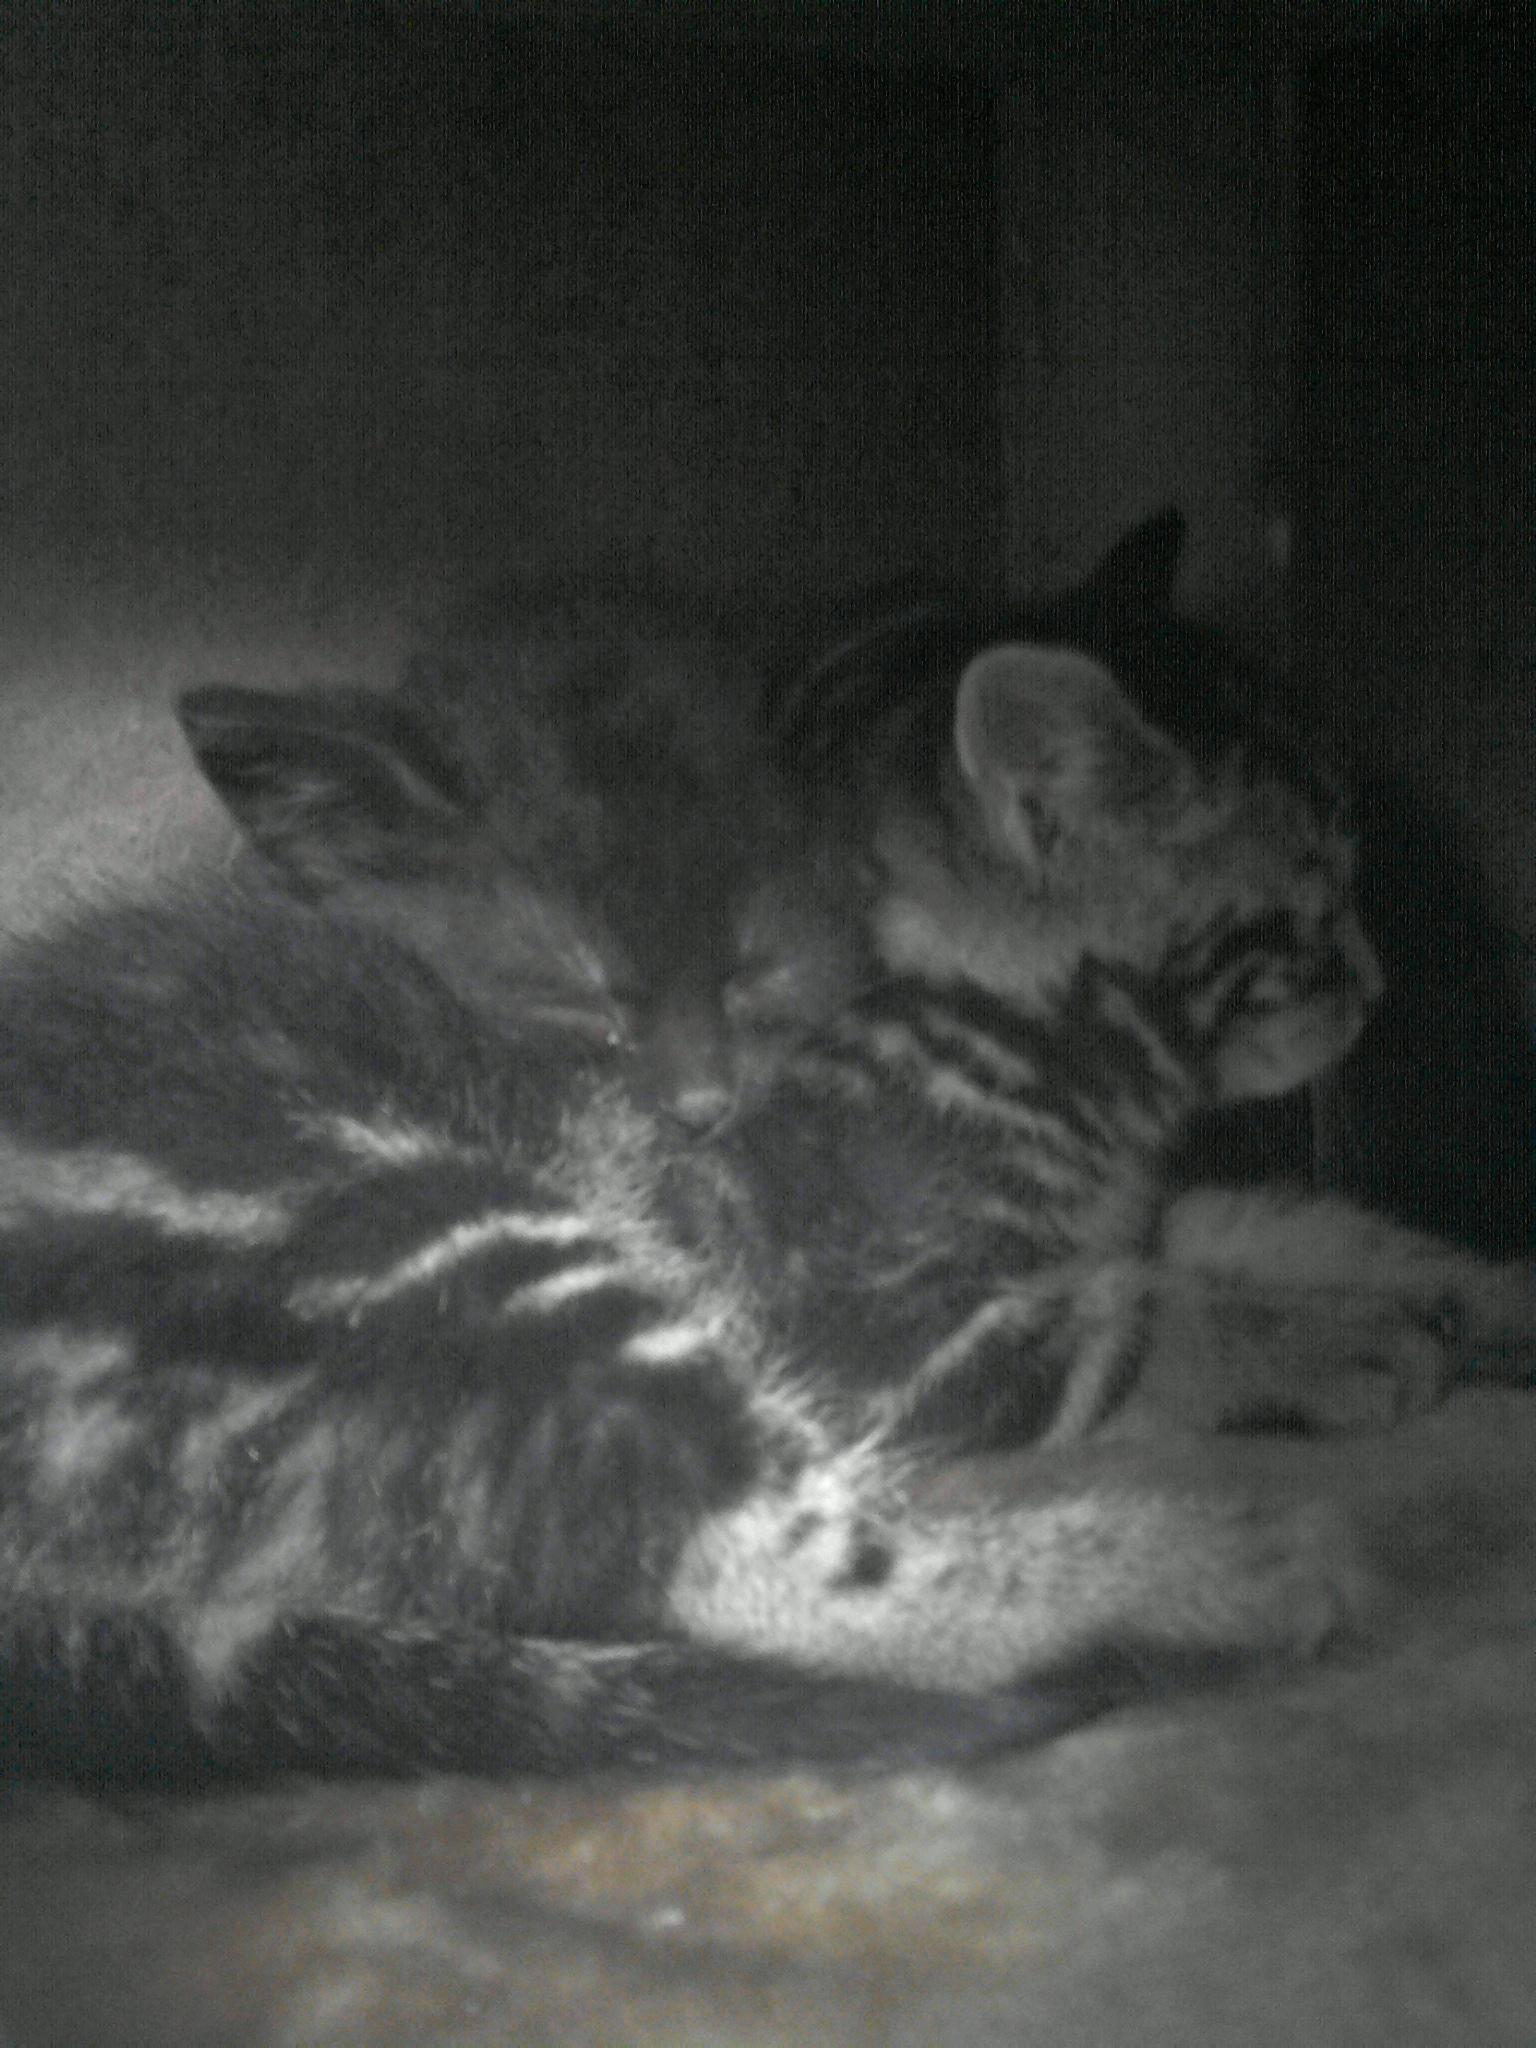 Katze Kater Adoption Tierheim Findelkinder Flaschenkinder Trauma